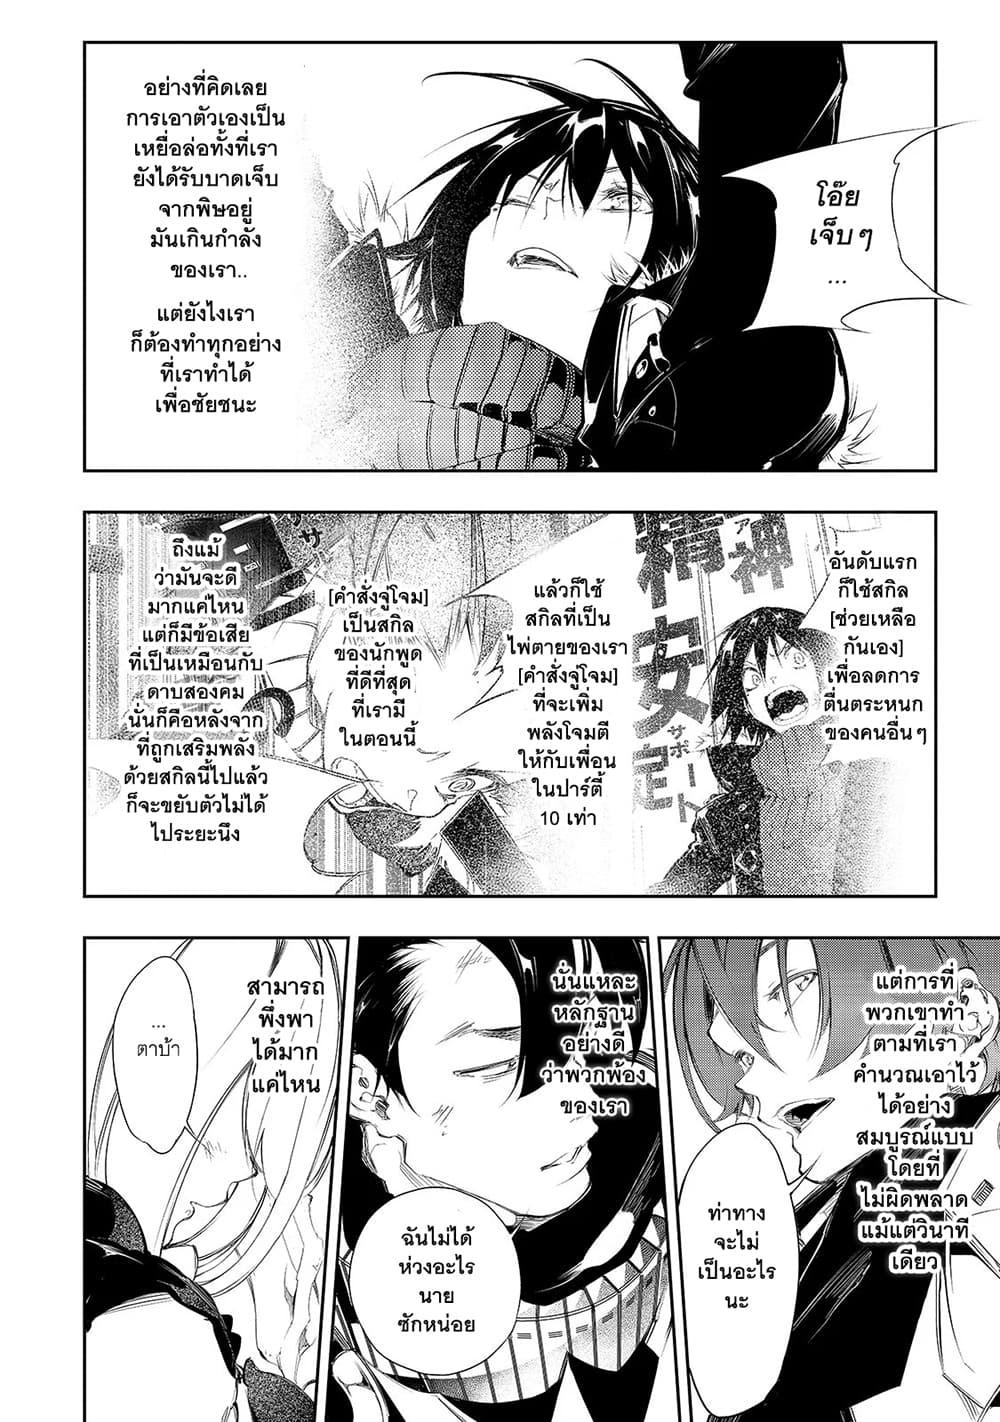 อ่านการ์ตูน Saikyou no Shien-shoku Wajutsushi Dearu Ore wa Sekai Saikyou Kuran o Shitagaeru ตอนที่ 2 หน้าที่ 43